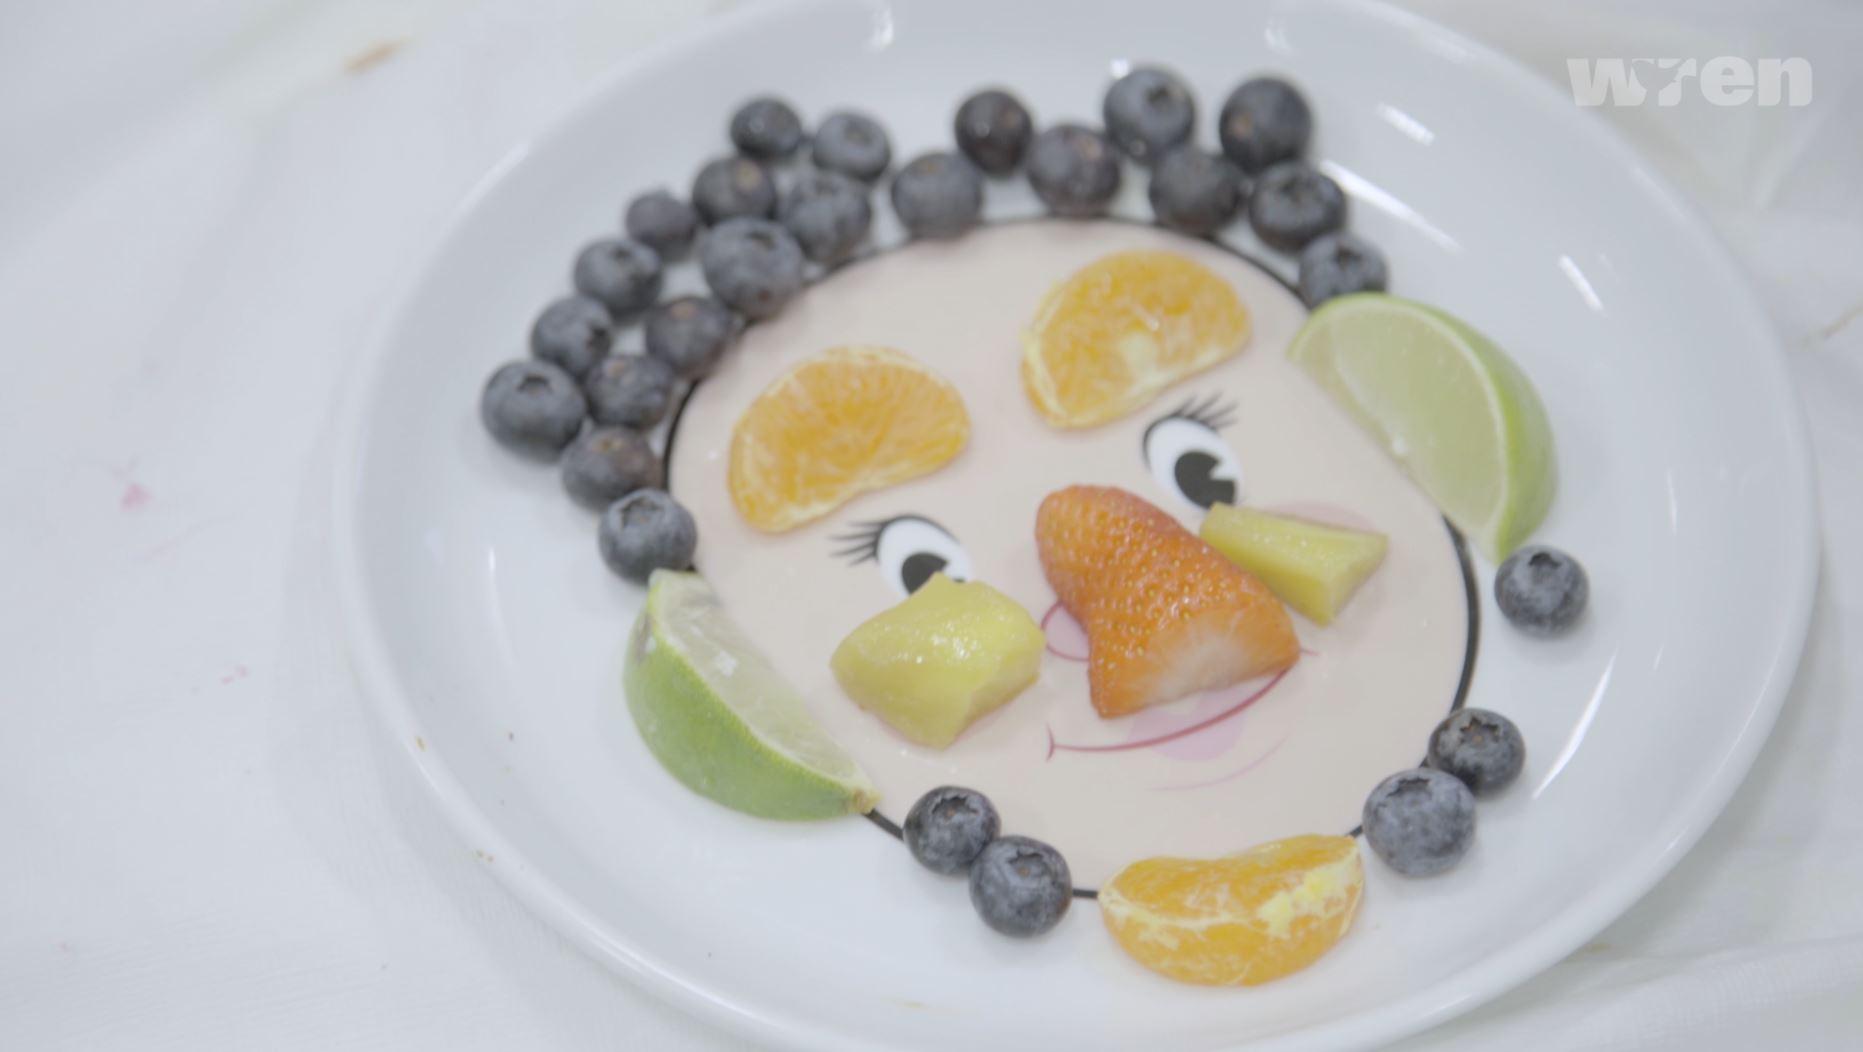 La cara de la fruta en un plato